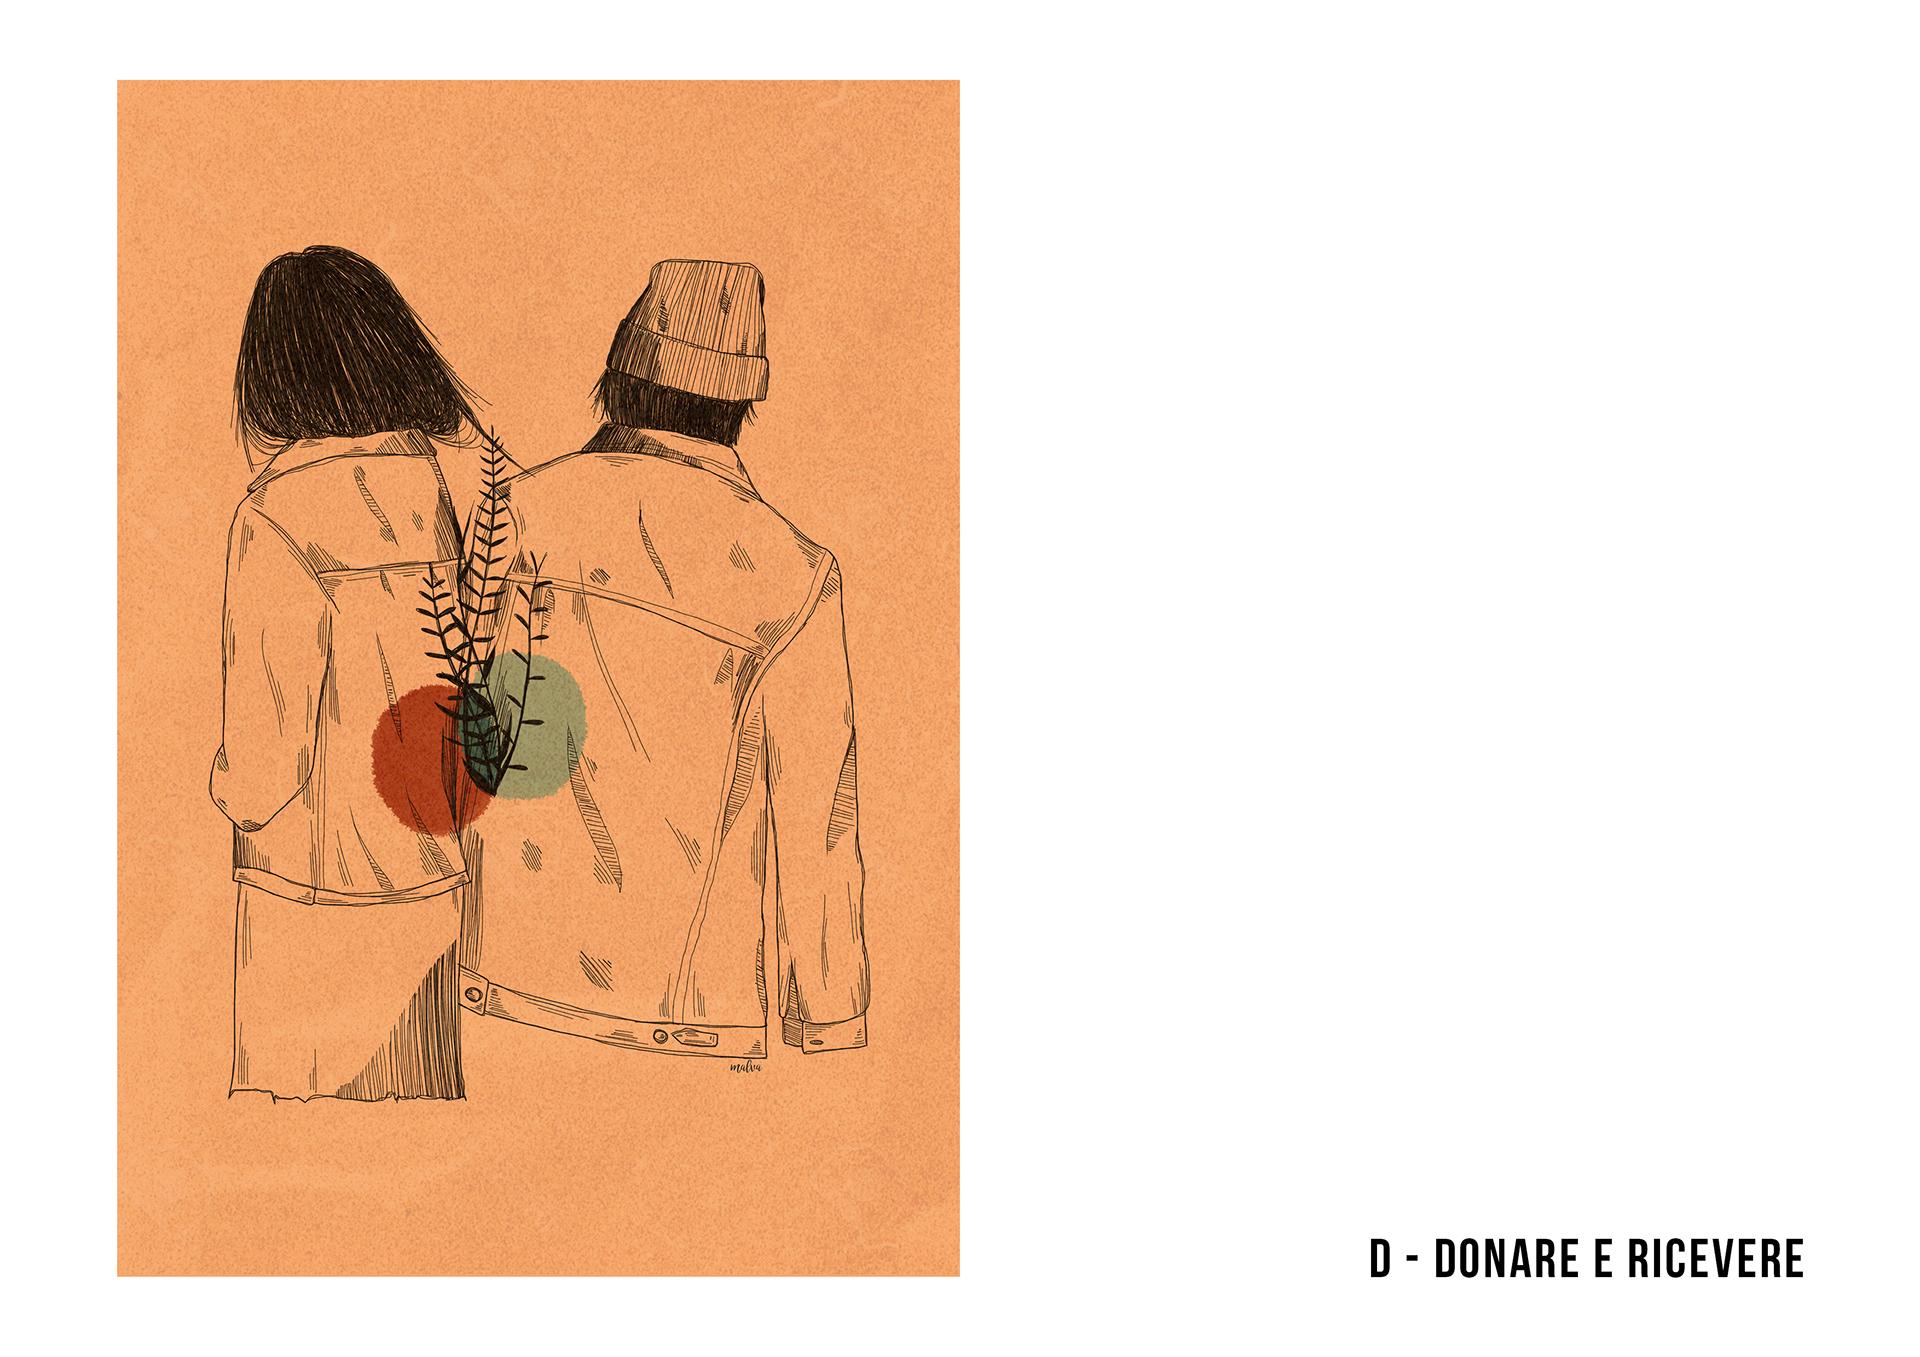 abbecedario illustrato viaggi solitaria francone 4